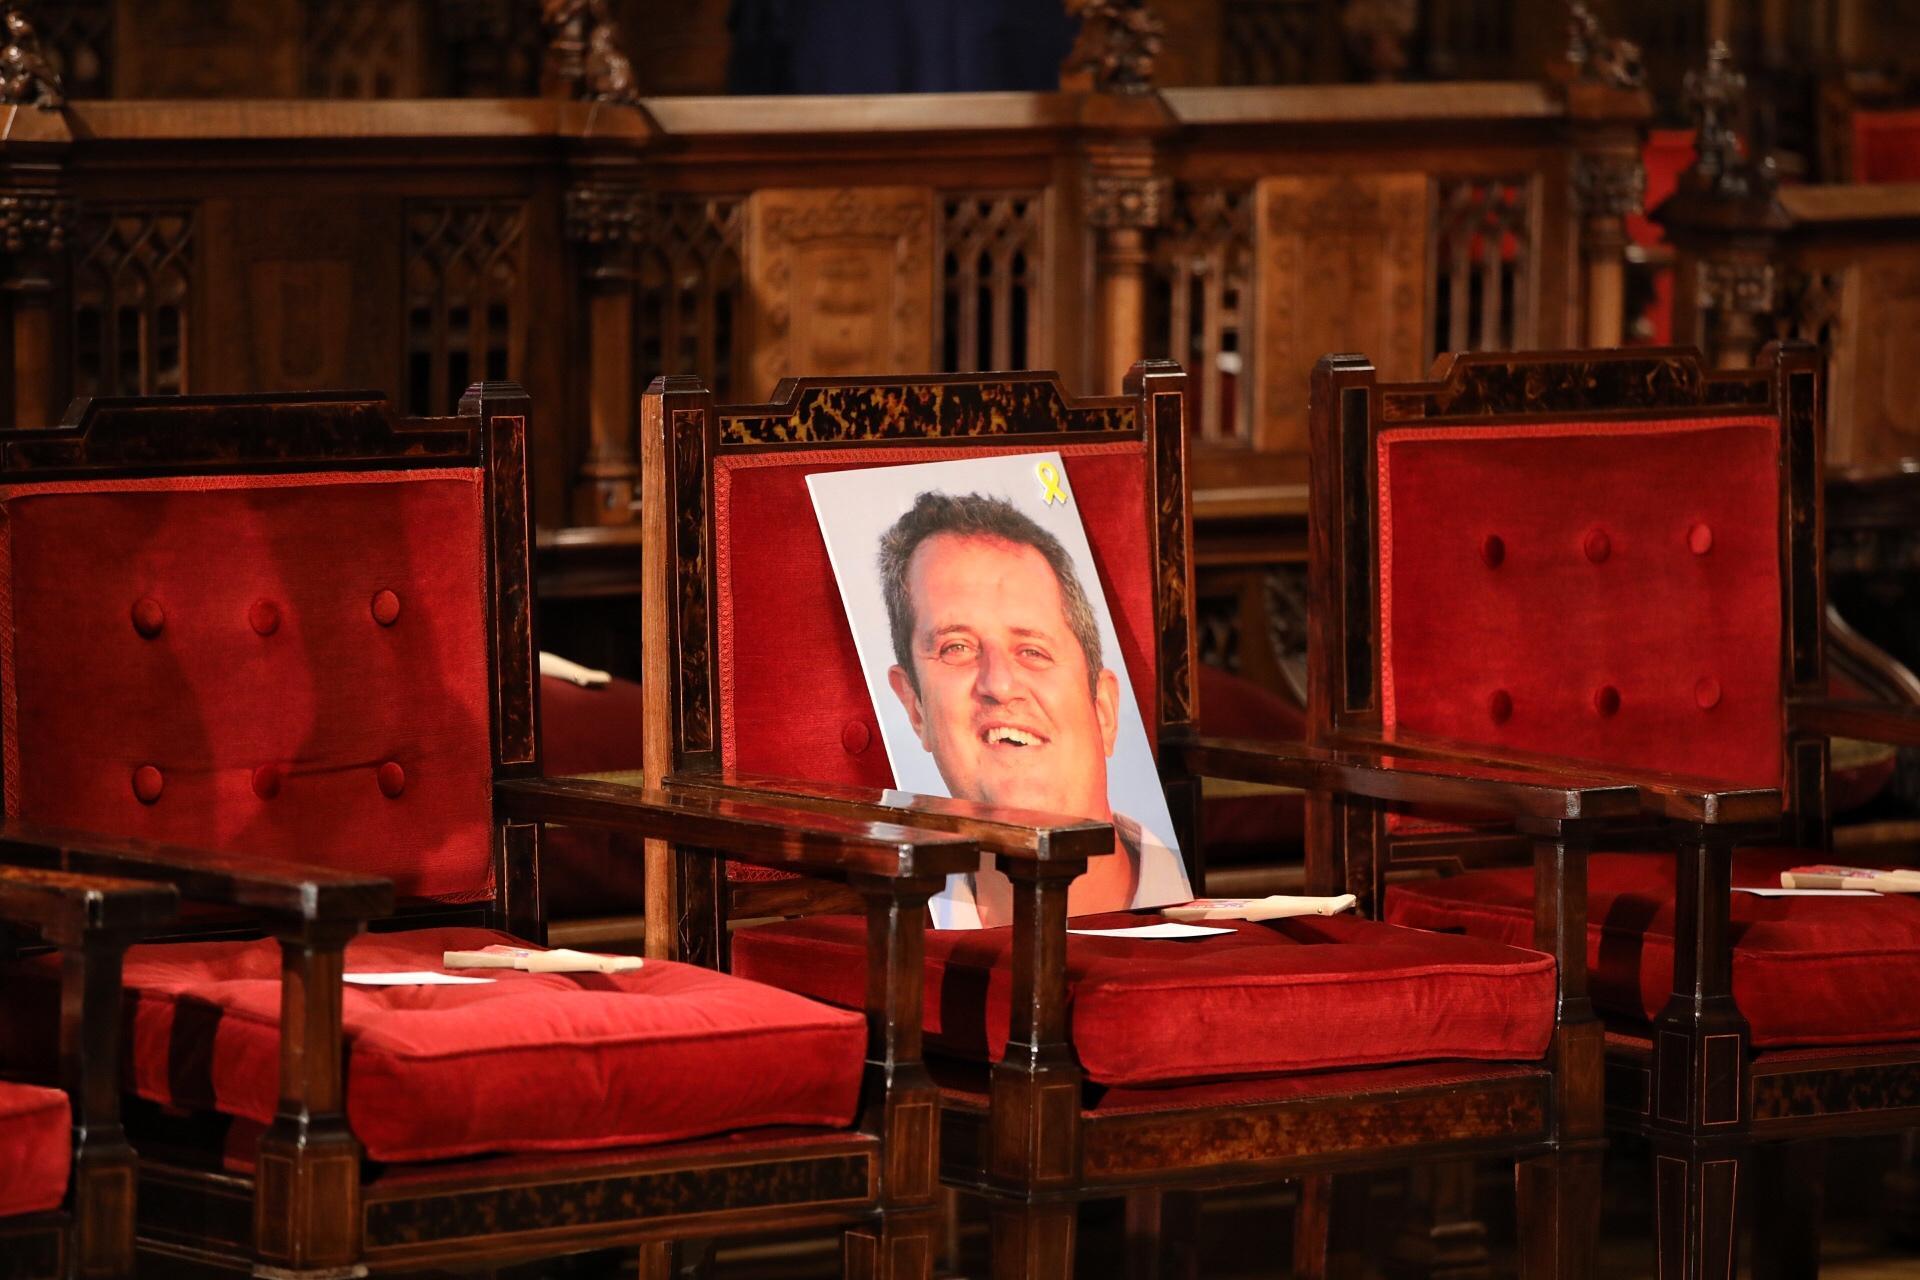 La cadira on hauria hagut de seure Quim Forn durant el pregó de la Mercè 2019 si no hagués estat a la presó / Jordi Play